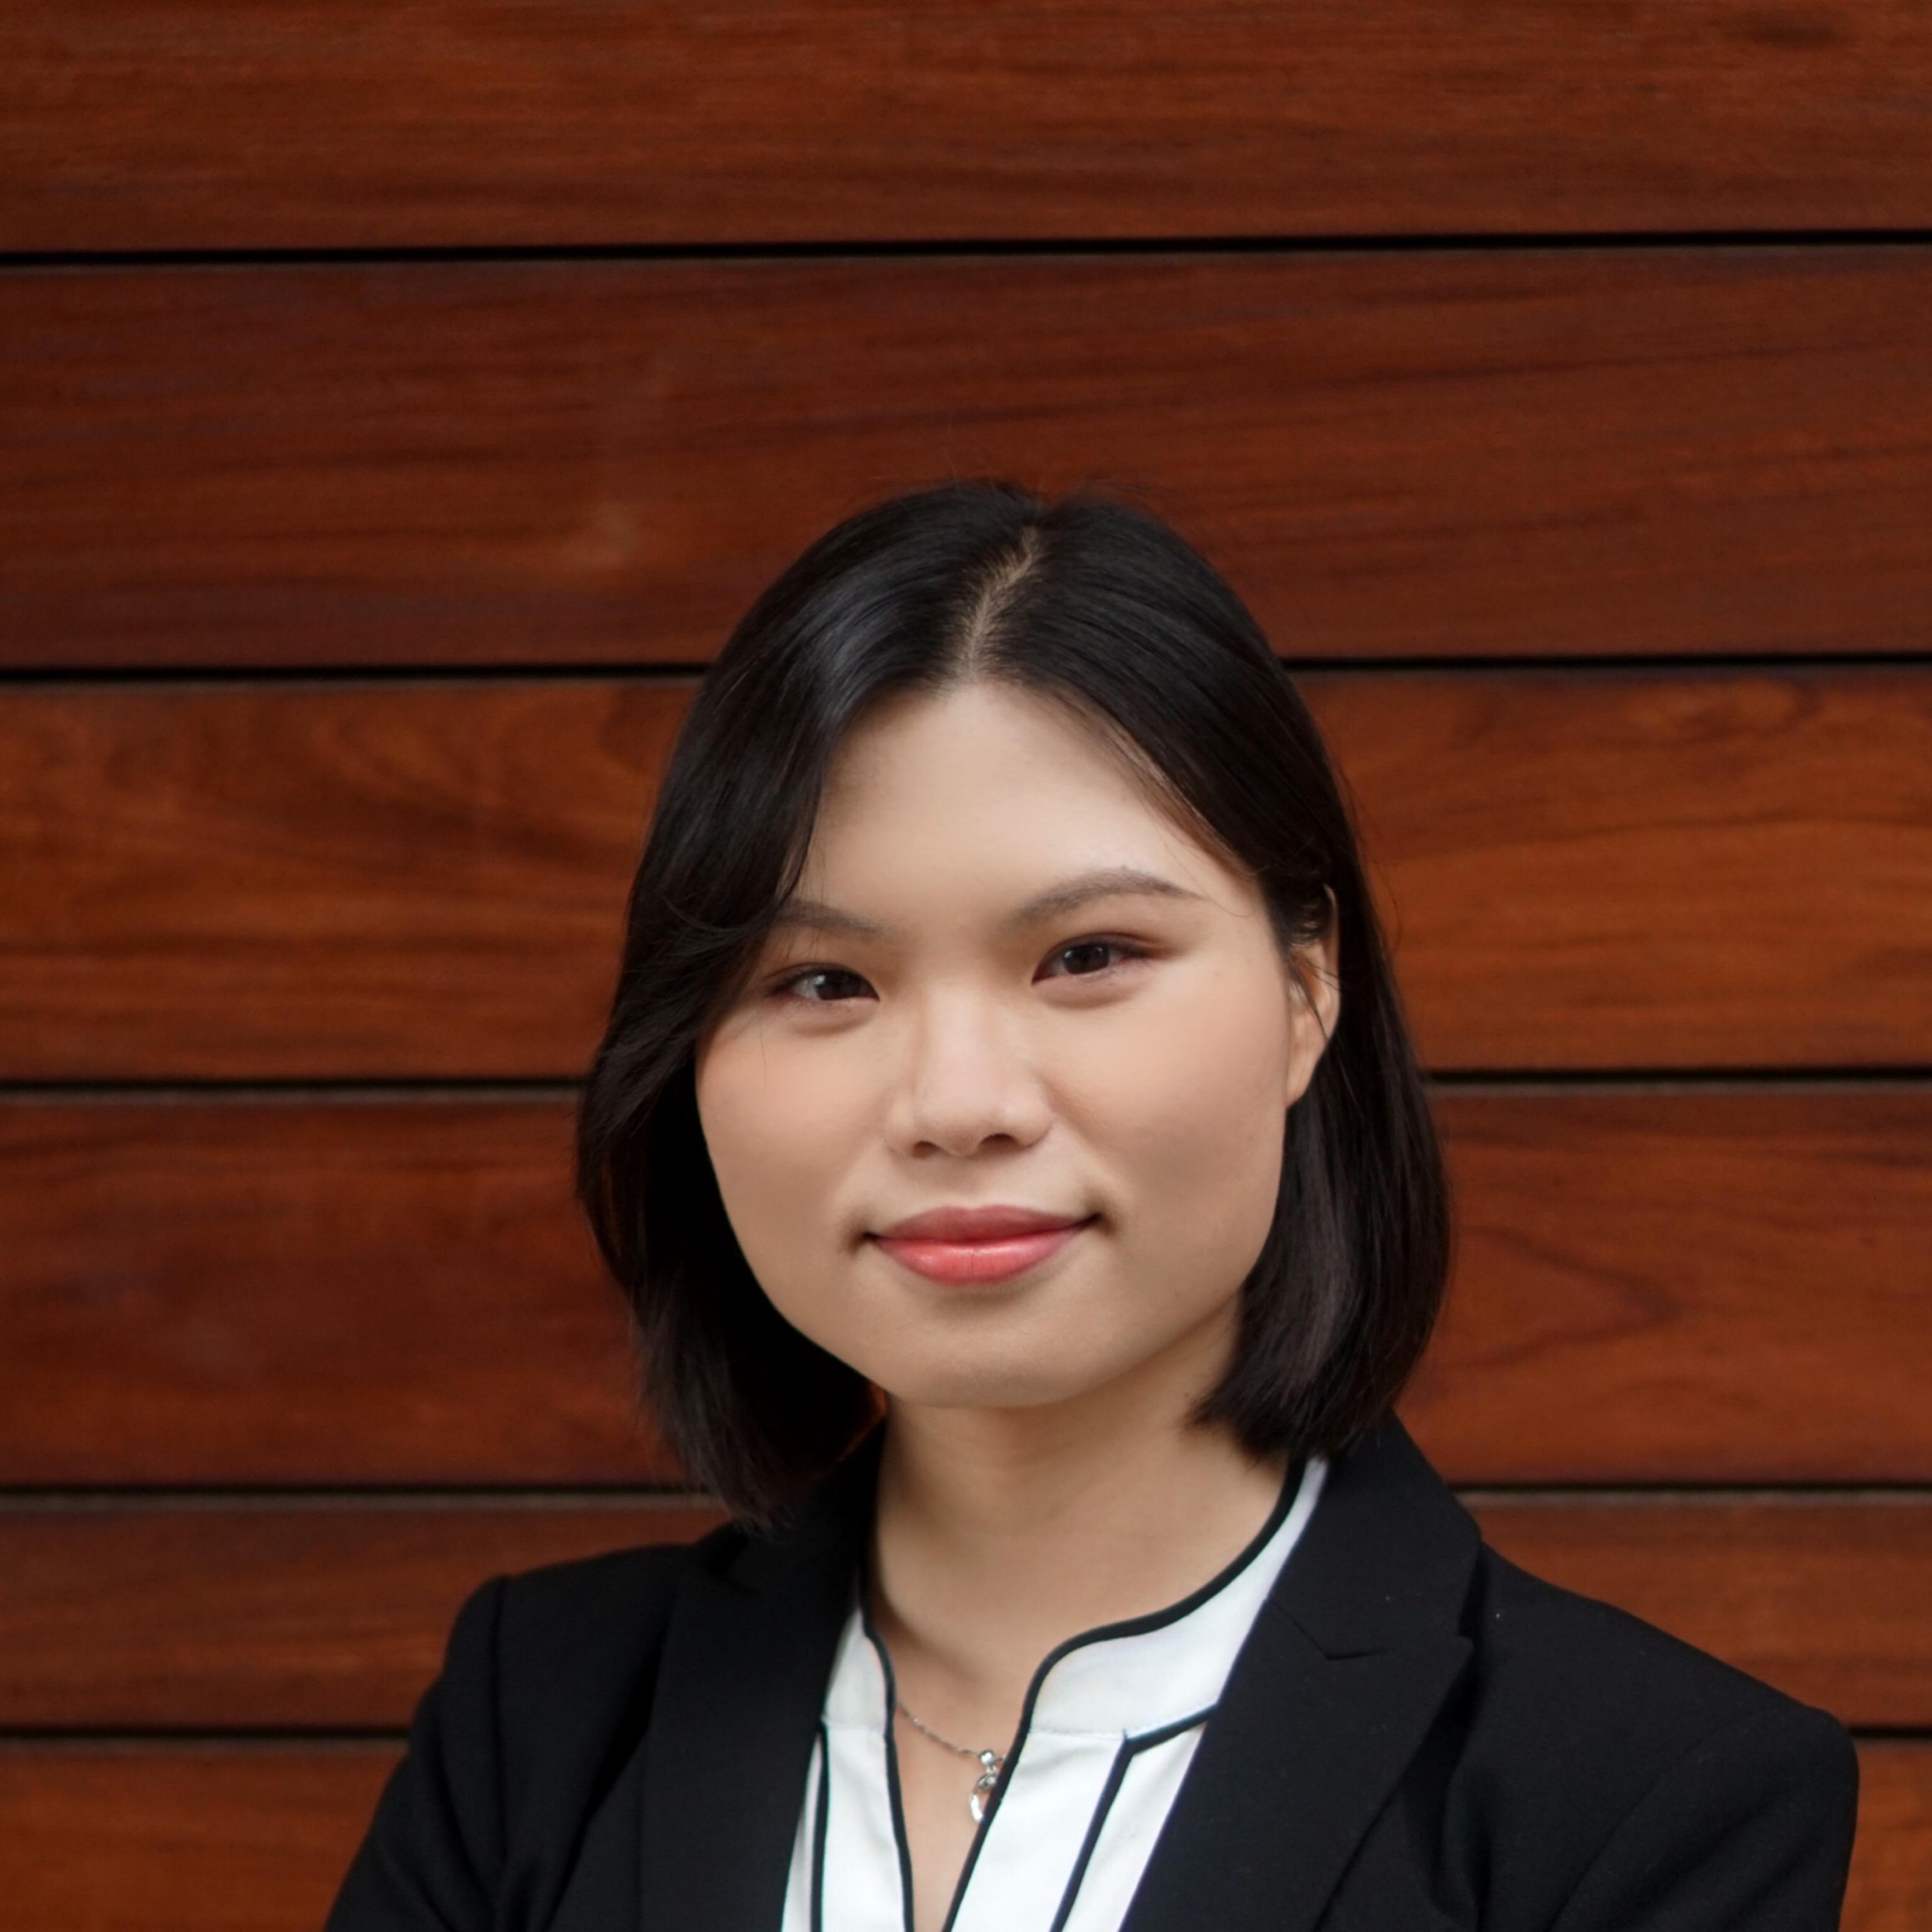 Shaohua Huang